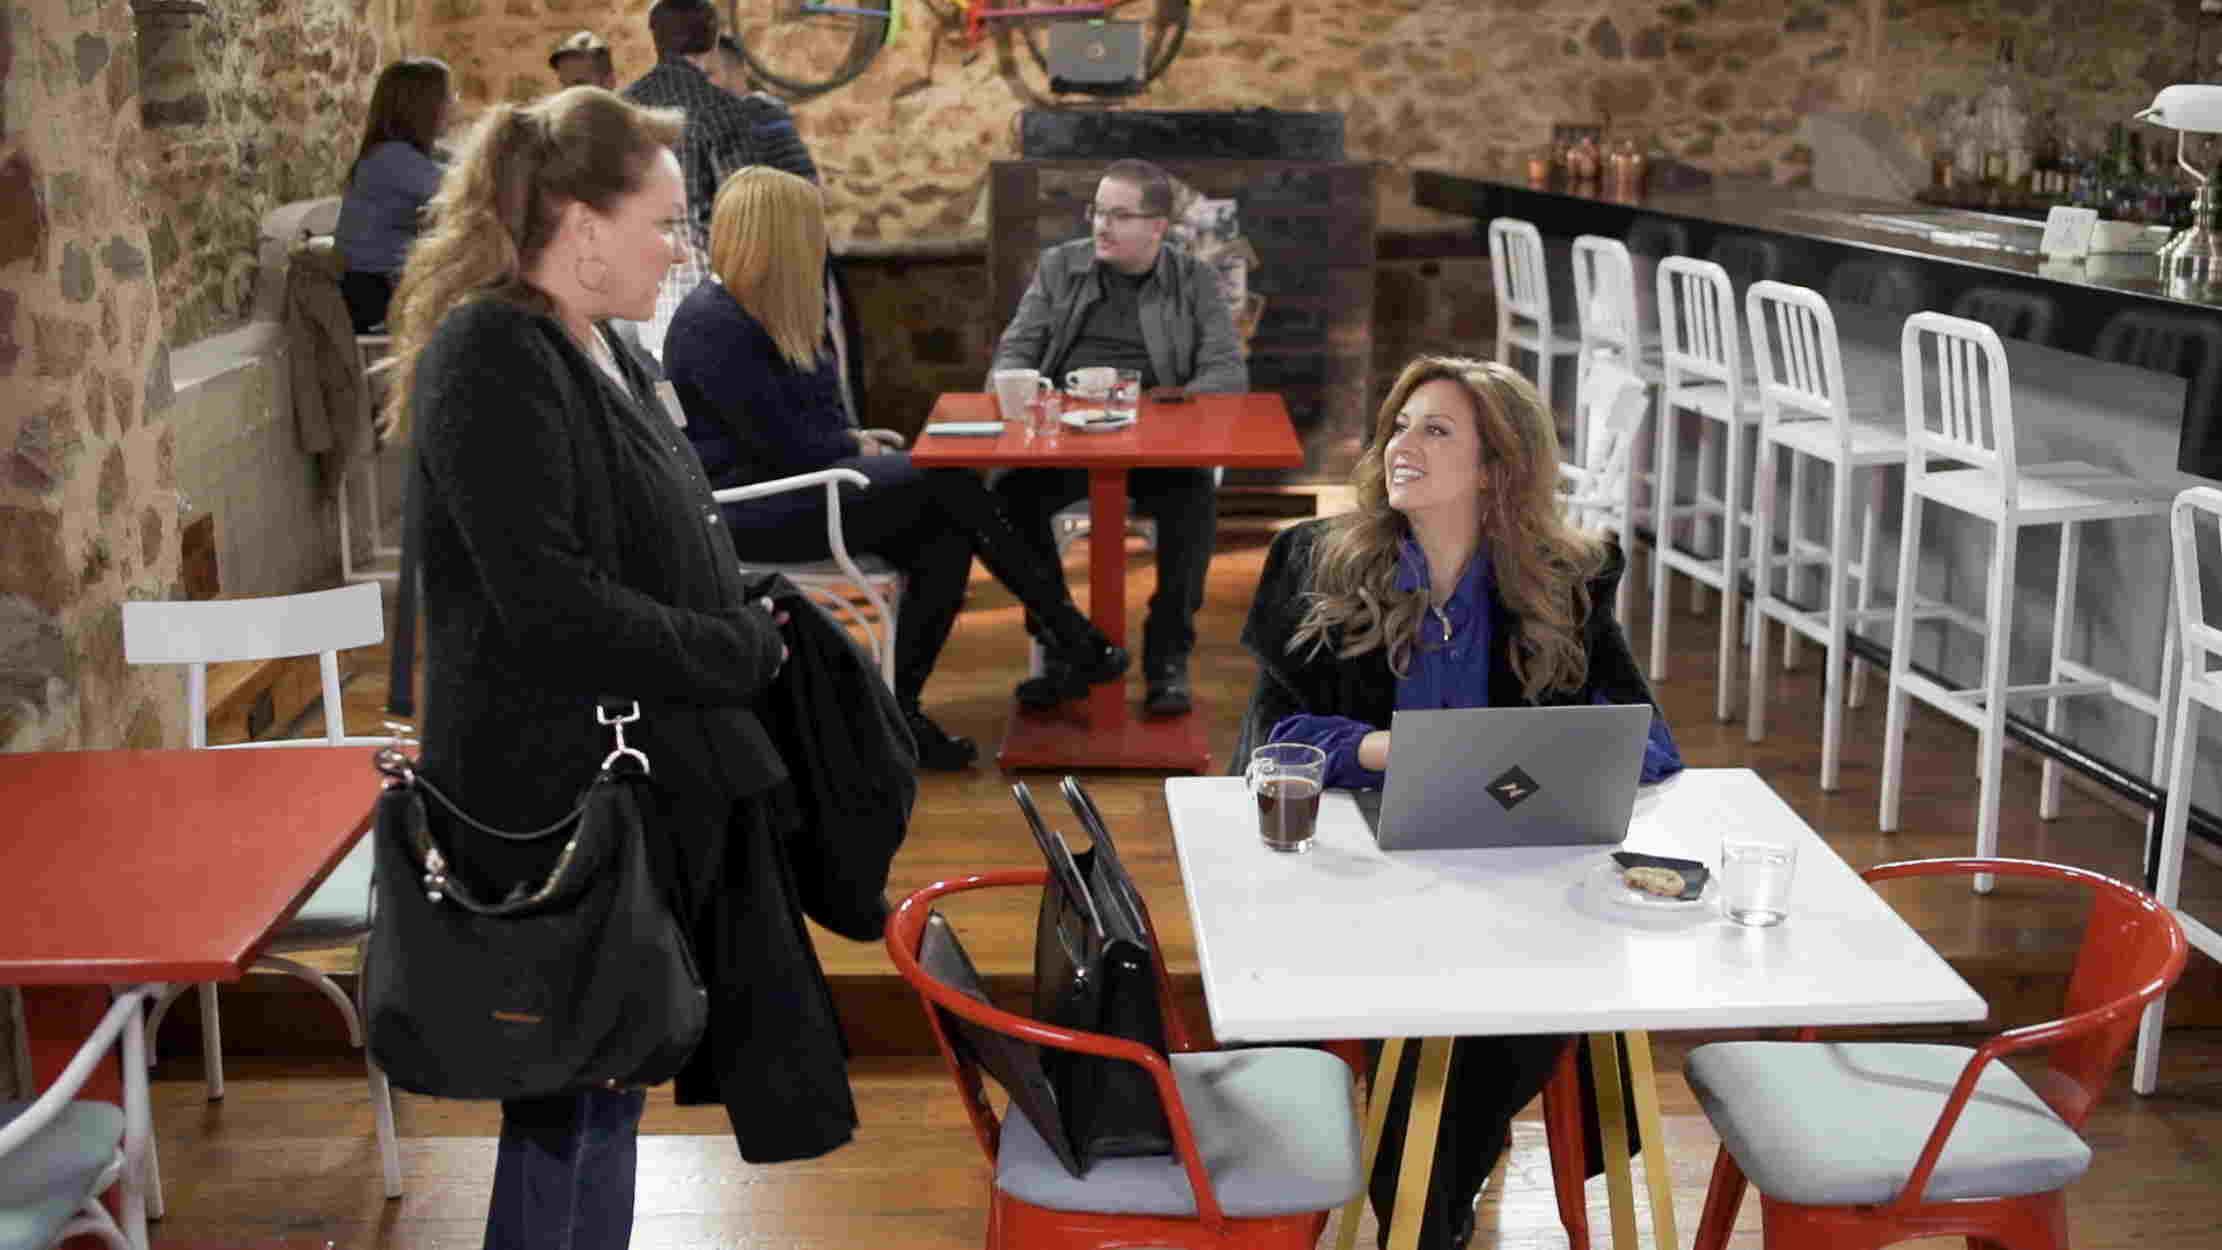 Η Ευαγγελία Μουμούρη νέο πρόσωπο στο Καφέ της Χαράς